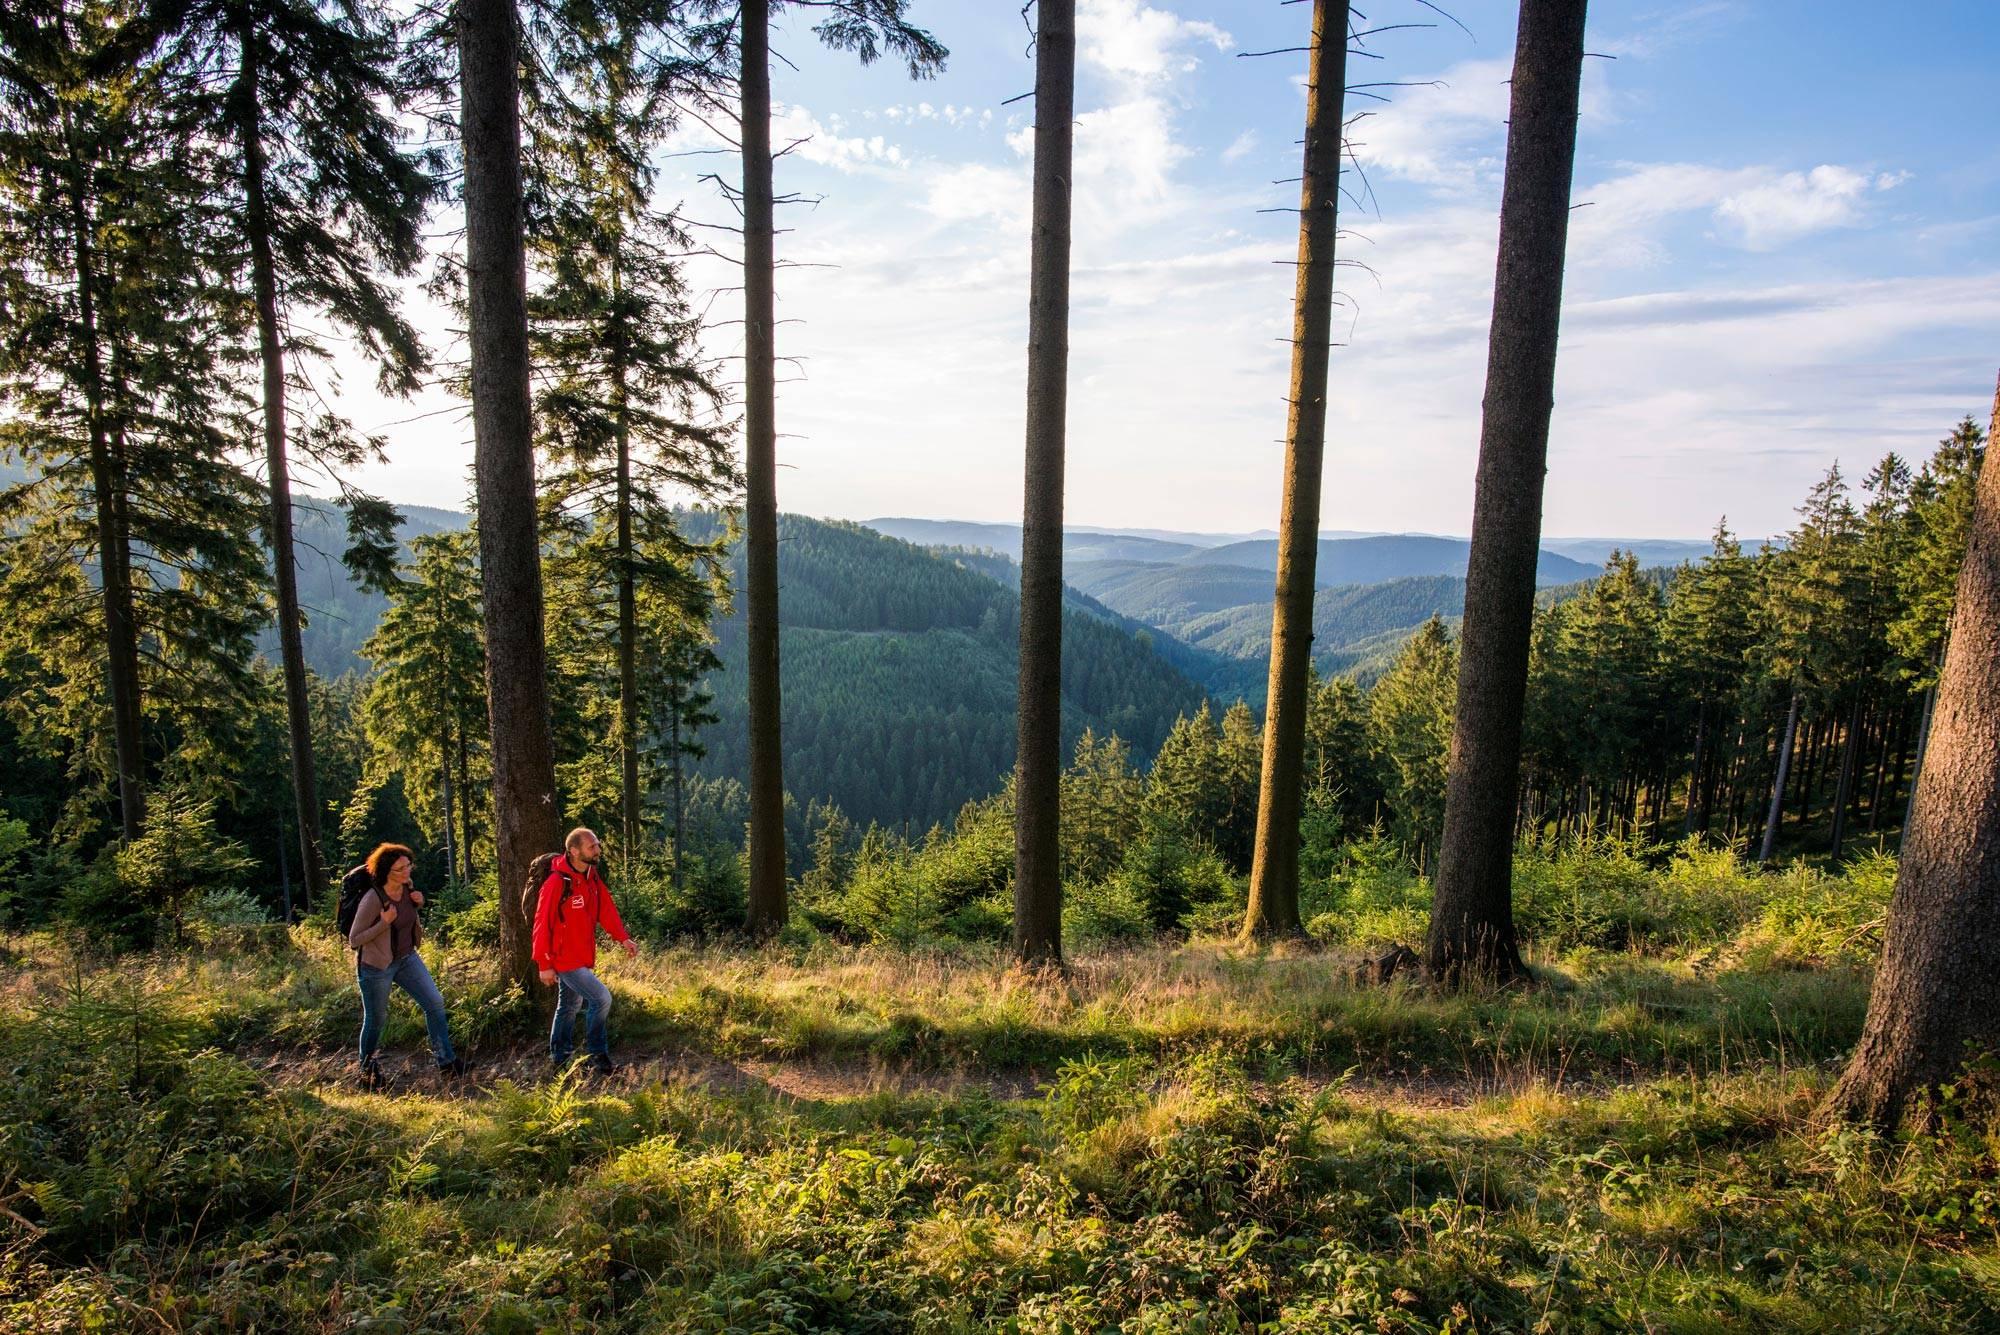 """Wanderer unterwegs auf dem Rothaarsteig. Auch bekannt unter dem Titel """"Weg der Sinne"""", führt der Weitwanderweg auf 154 Kilometern von Brilon im Sauerland bis nach Dillenburg in Hessen. Unterwegs bieten sich traumhafte Aussichten, erstaunliche Naturphänomene und vor allem jede Menge abwechslungsreiche Wanderkilometer auf schmalen Pfaden durch die Natur."""